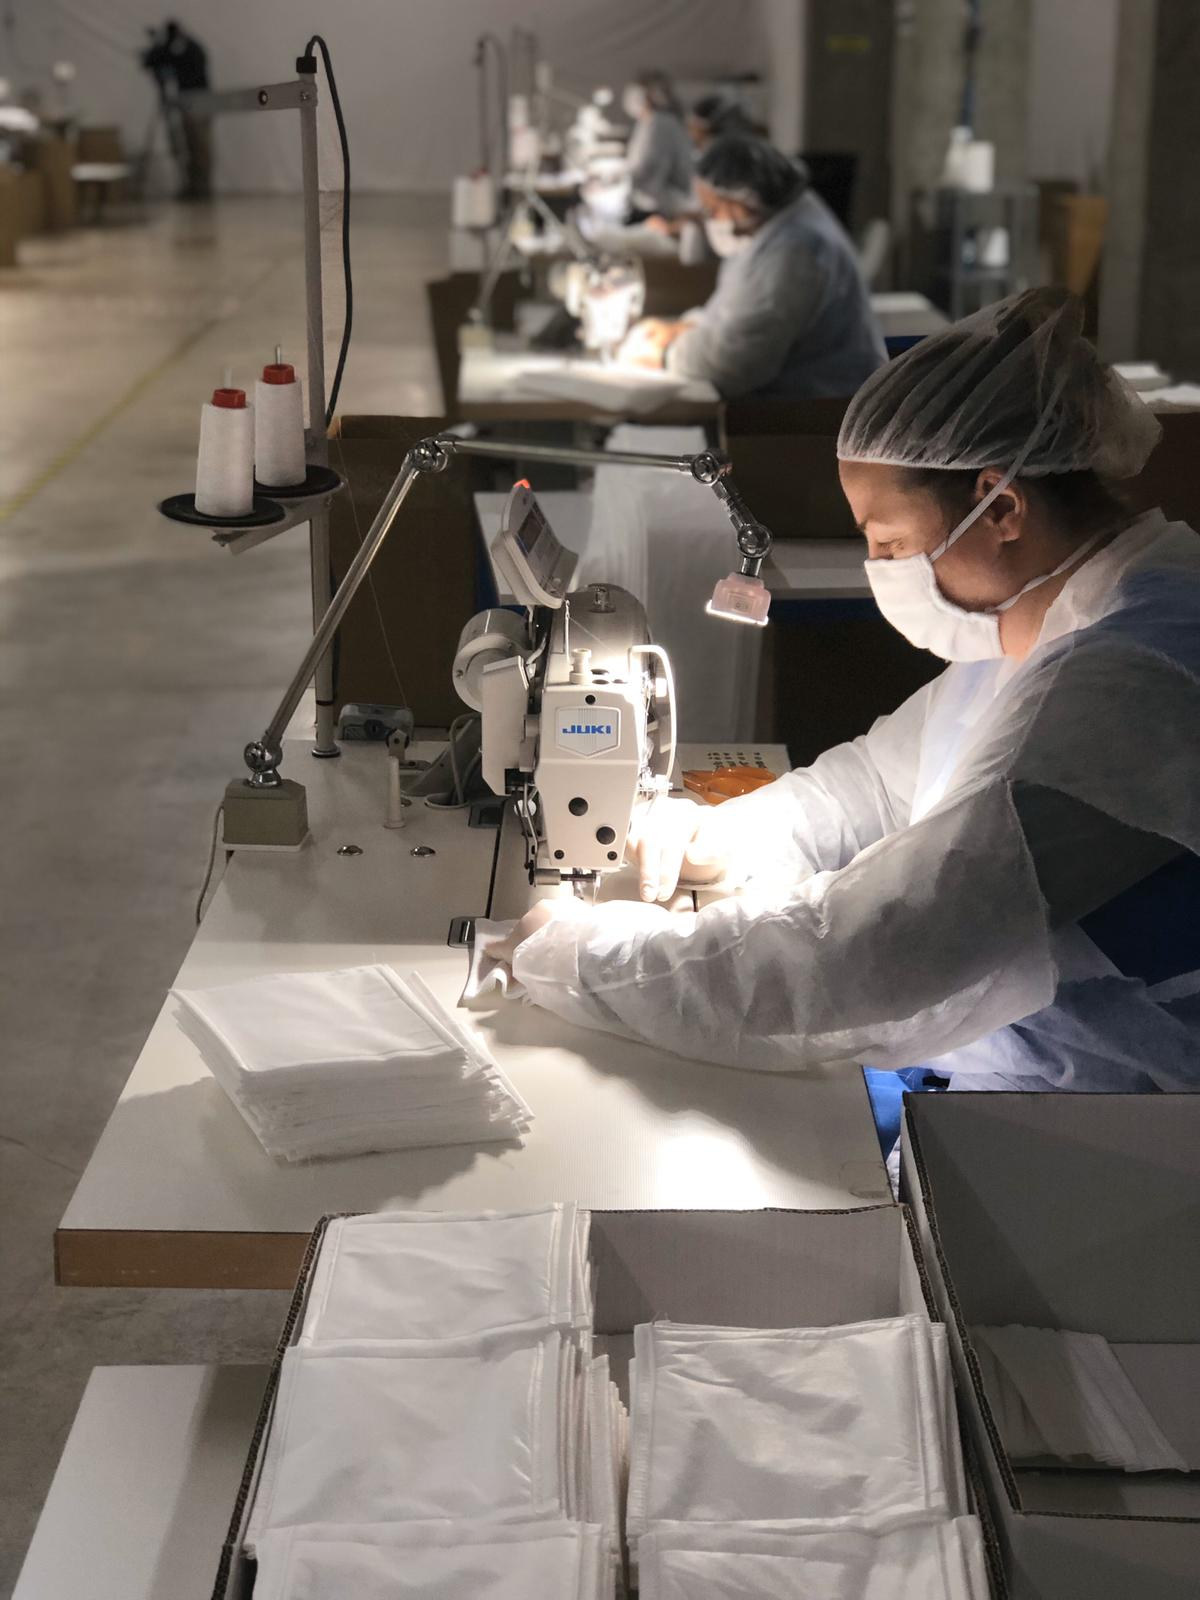 Ontinyent arriba a la zona de risc baix de contagi amb 13 casos, 15 menys en tres dies El Periòdic d'Ontinyent - Noticies a Ontinyent